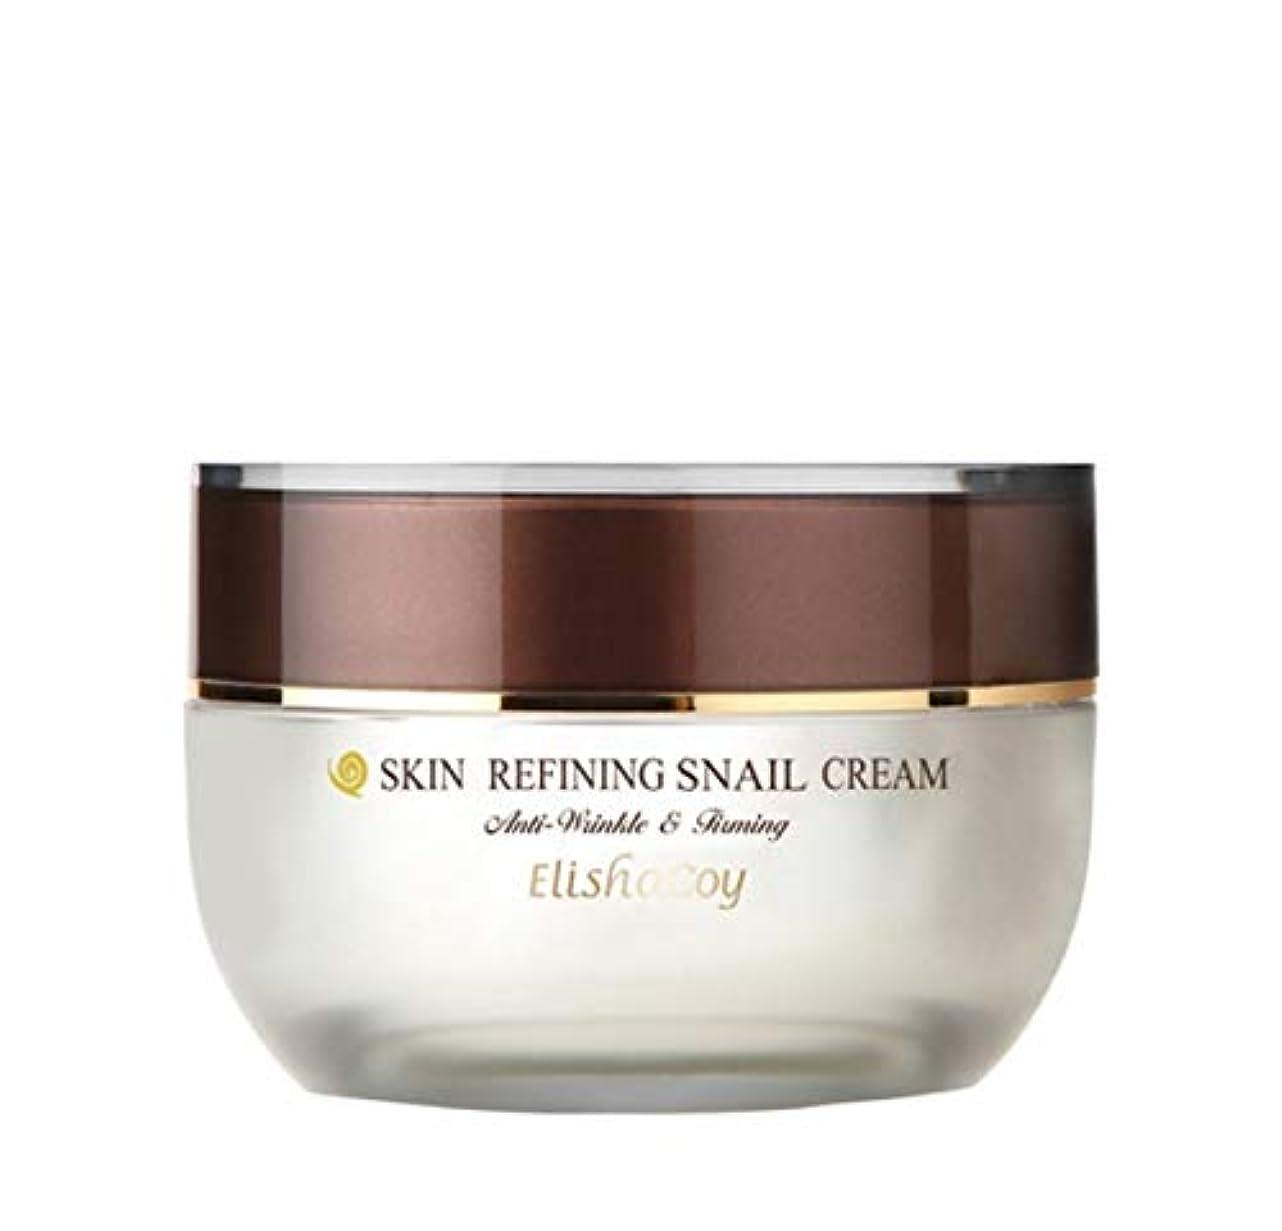 推論物質フィラデルフィアエリシャコイ Elishacoy SKIN REFINING SNAIL 韓国の人気水分クリーム CREAM 50g 保湿最強 Korean Beauty Womens Cosmetics Skin Care